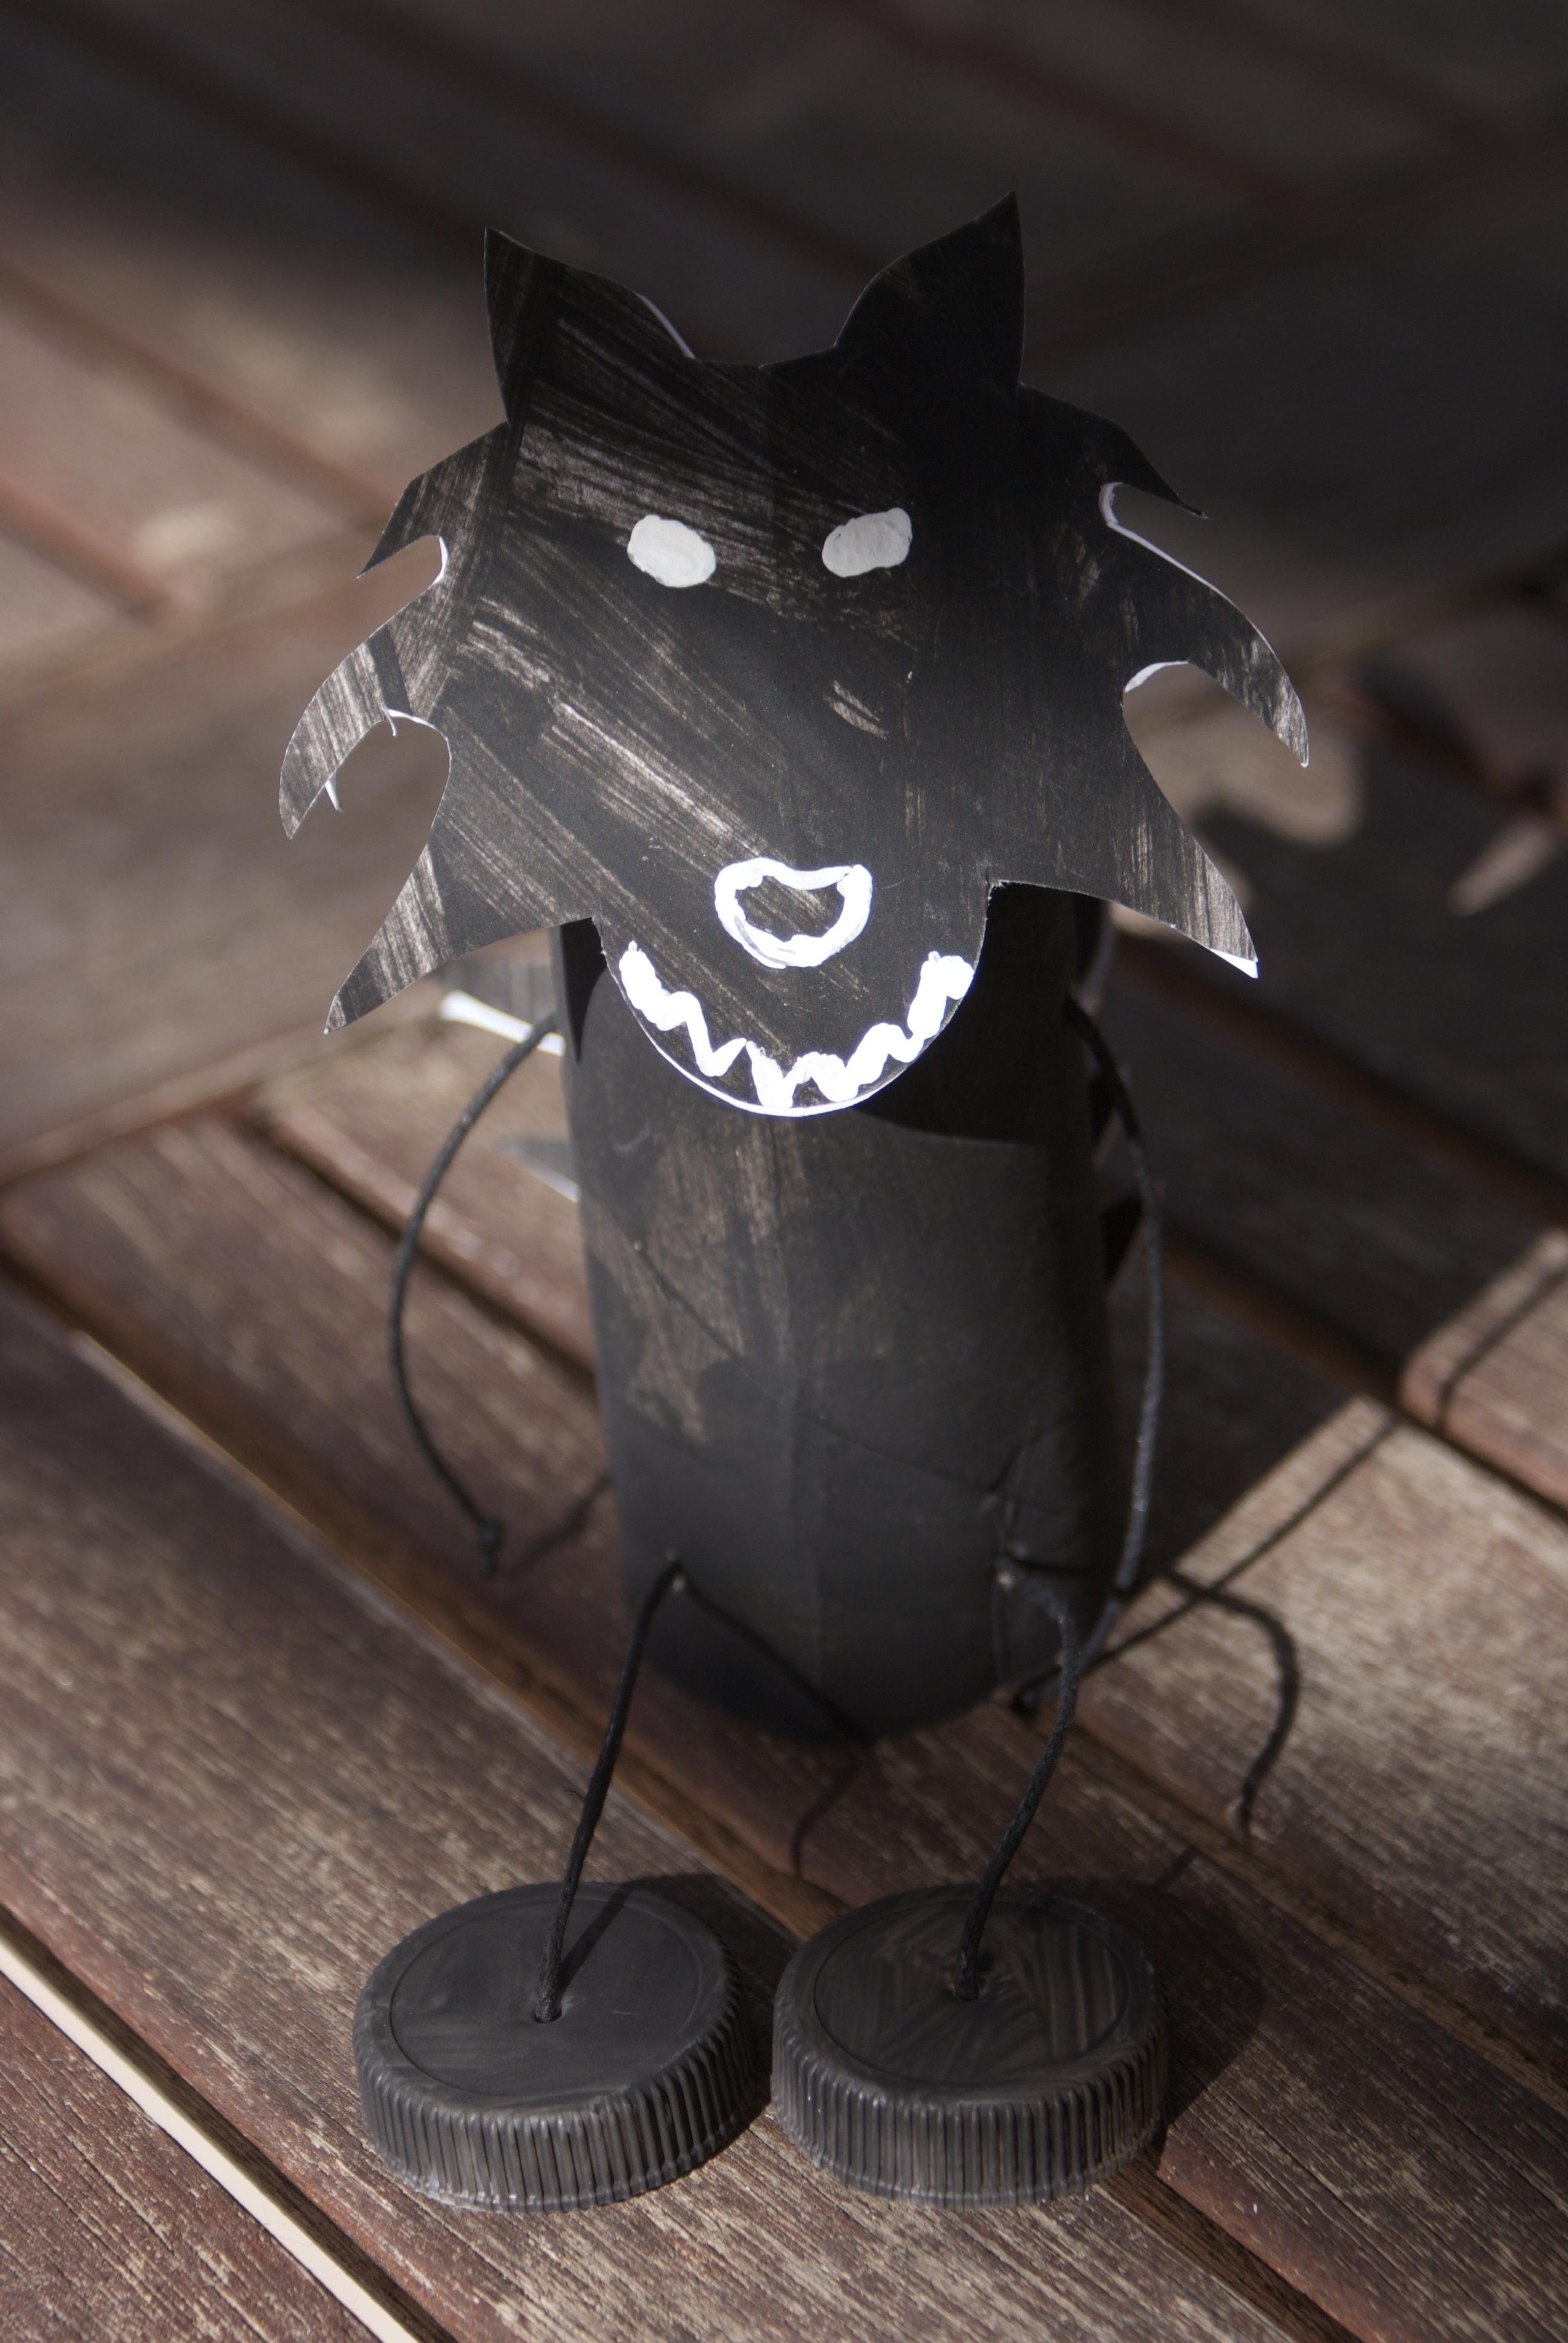 Activité Manuelle Avec Du Papier Peint loup noir en rouleau de papier toilette - nanou laurence